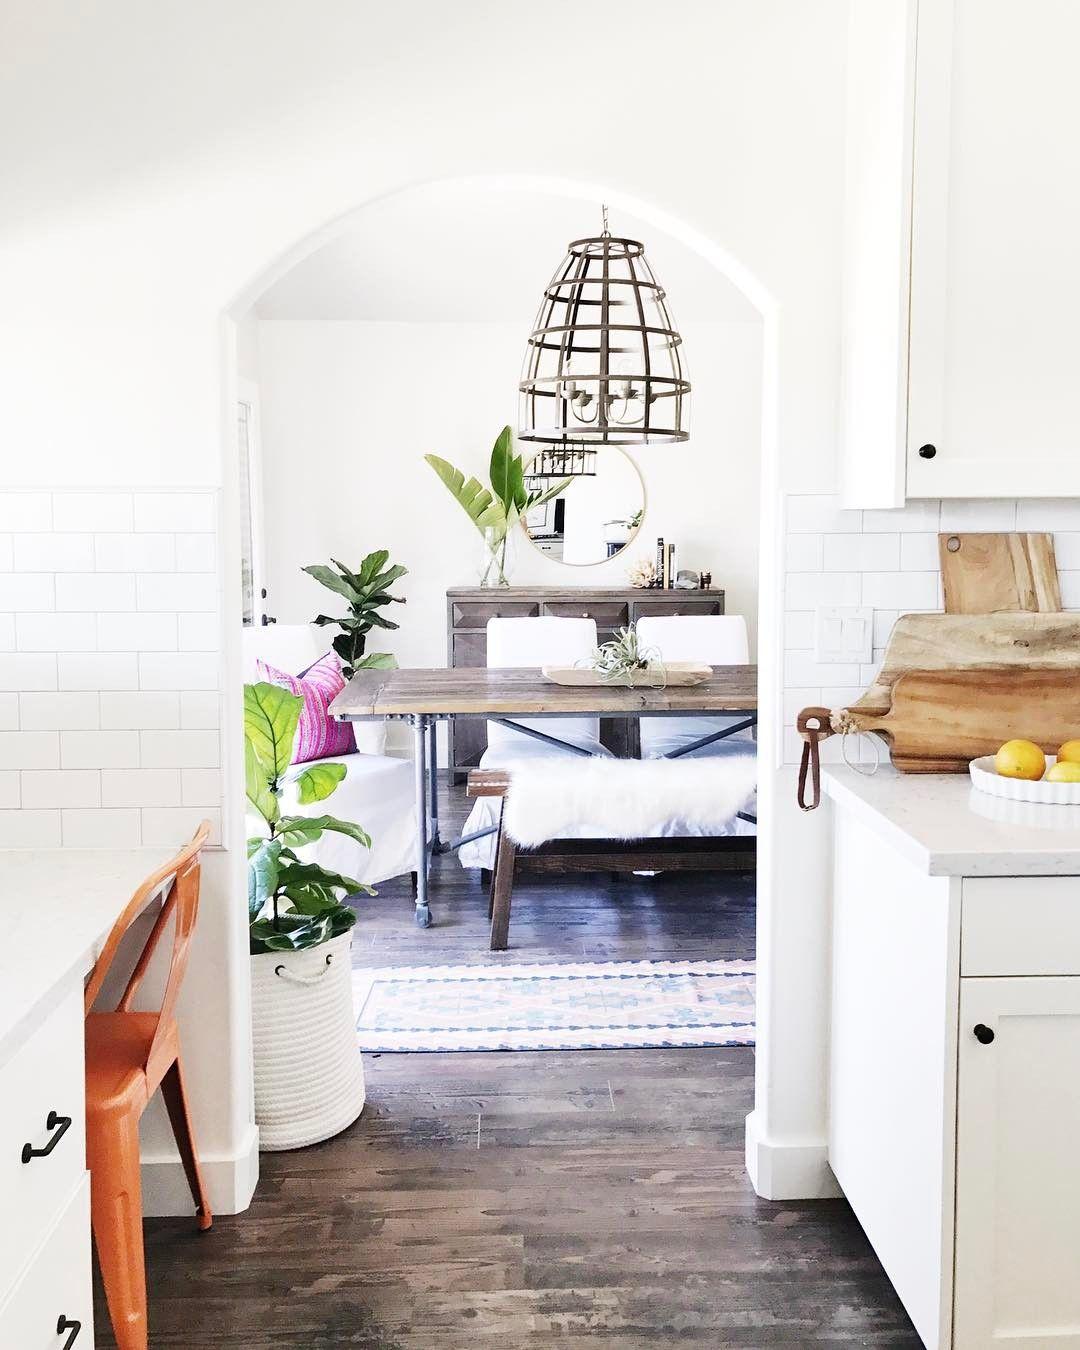 Bright White & Rustic Home Decor | Bright, Apartments and Interiors